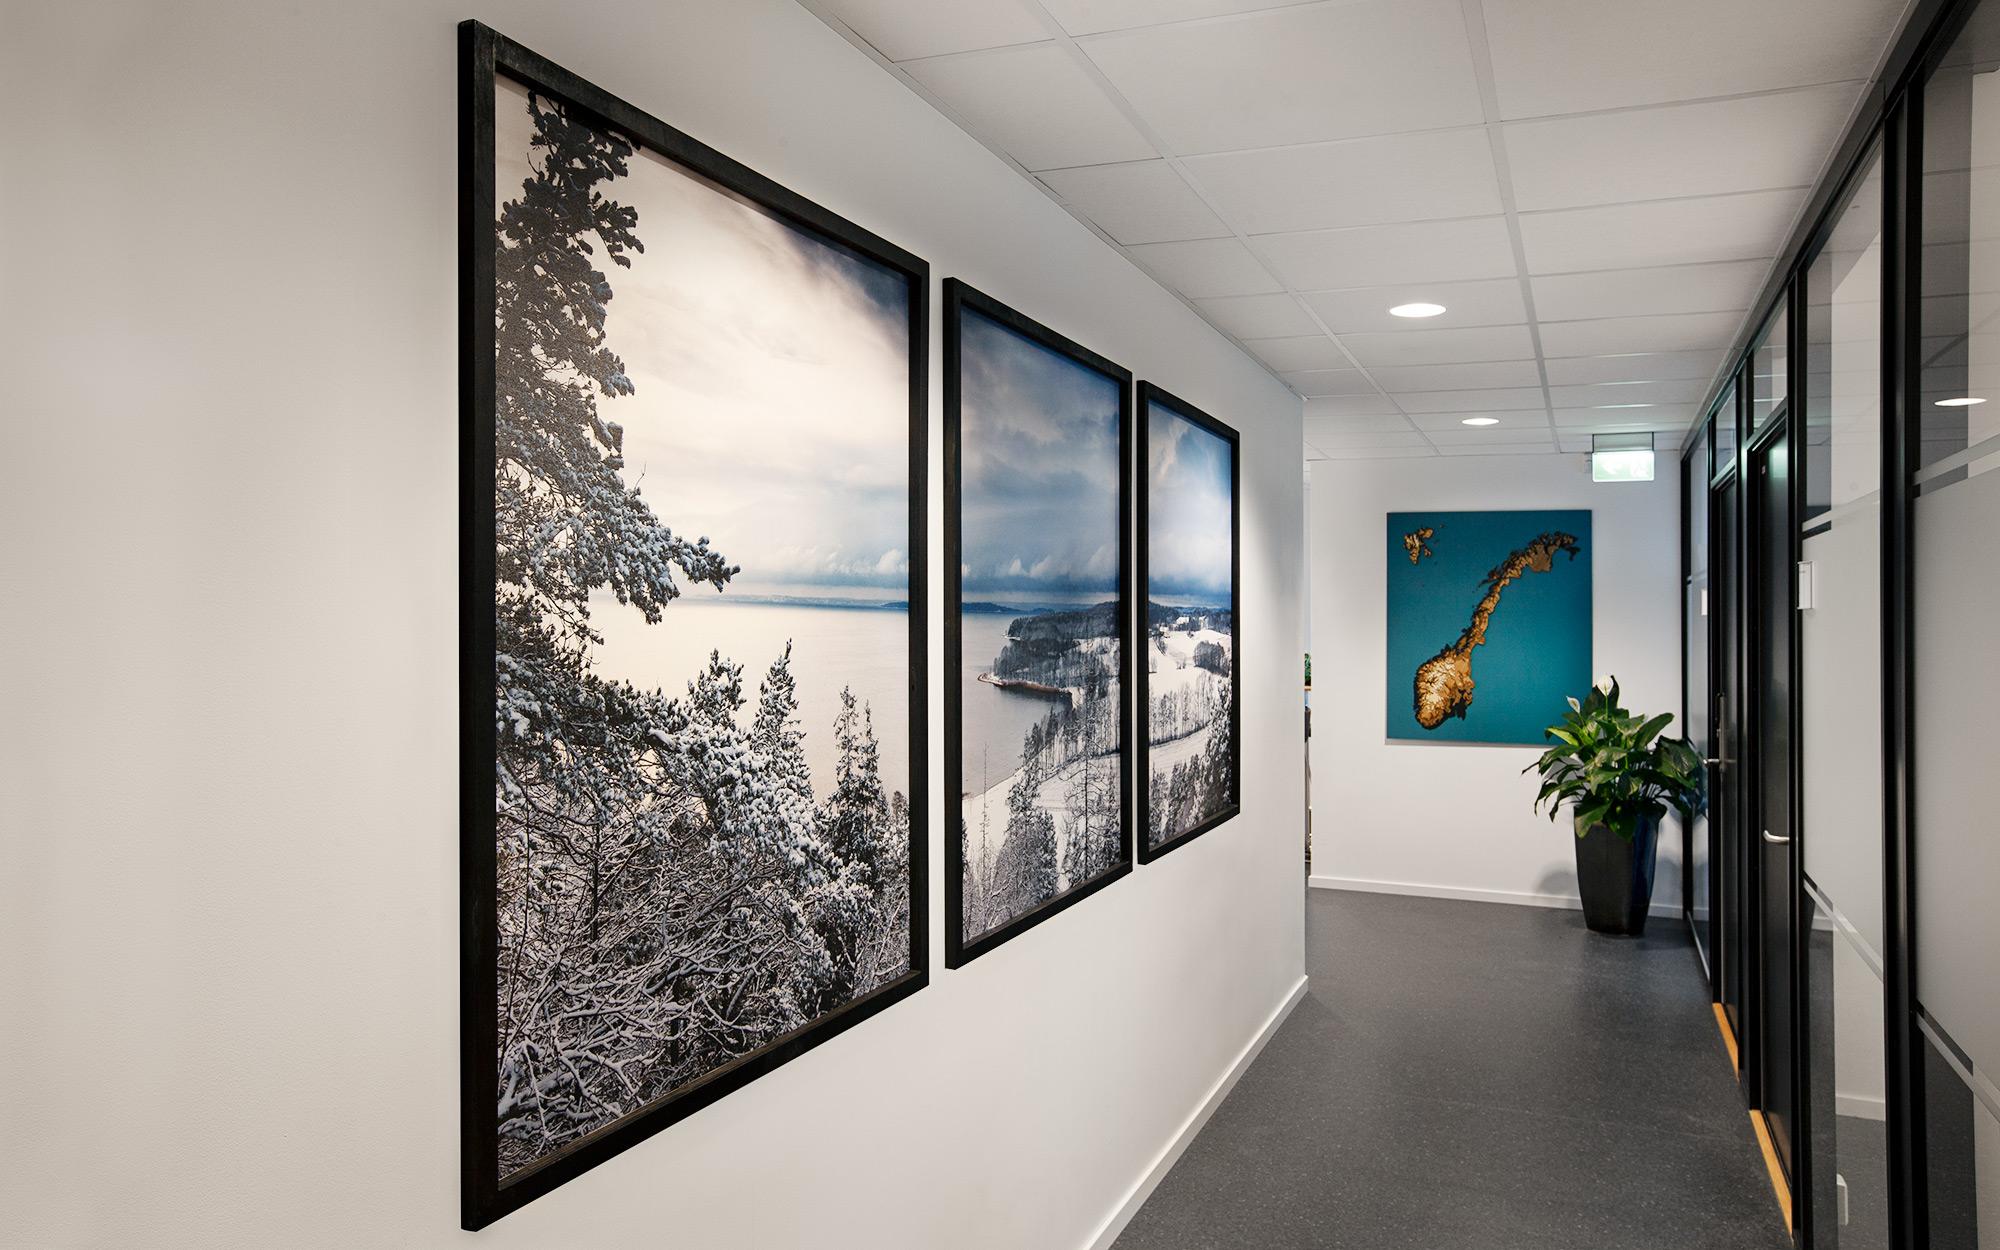 Sivil Klareringsmyndighet dekor, Norgeskart og bilde fra Jeløy, Moss